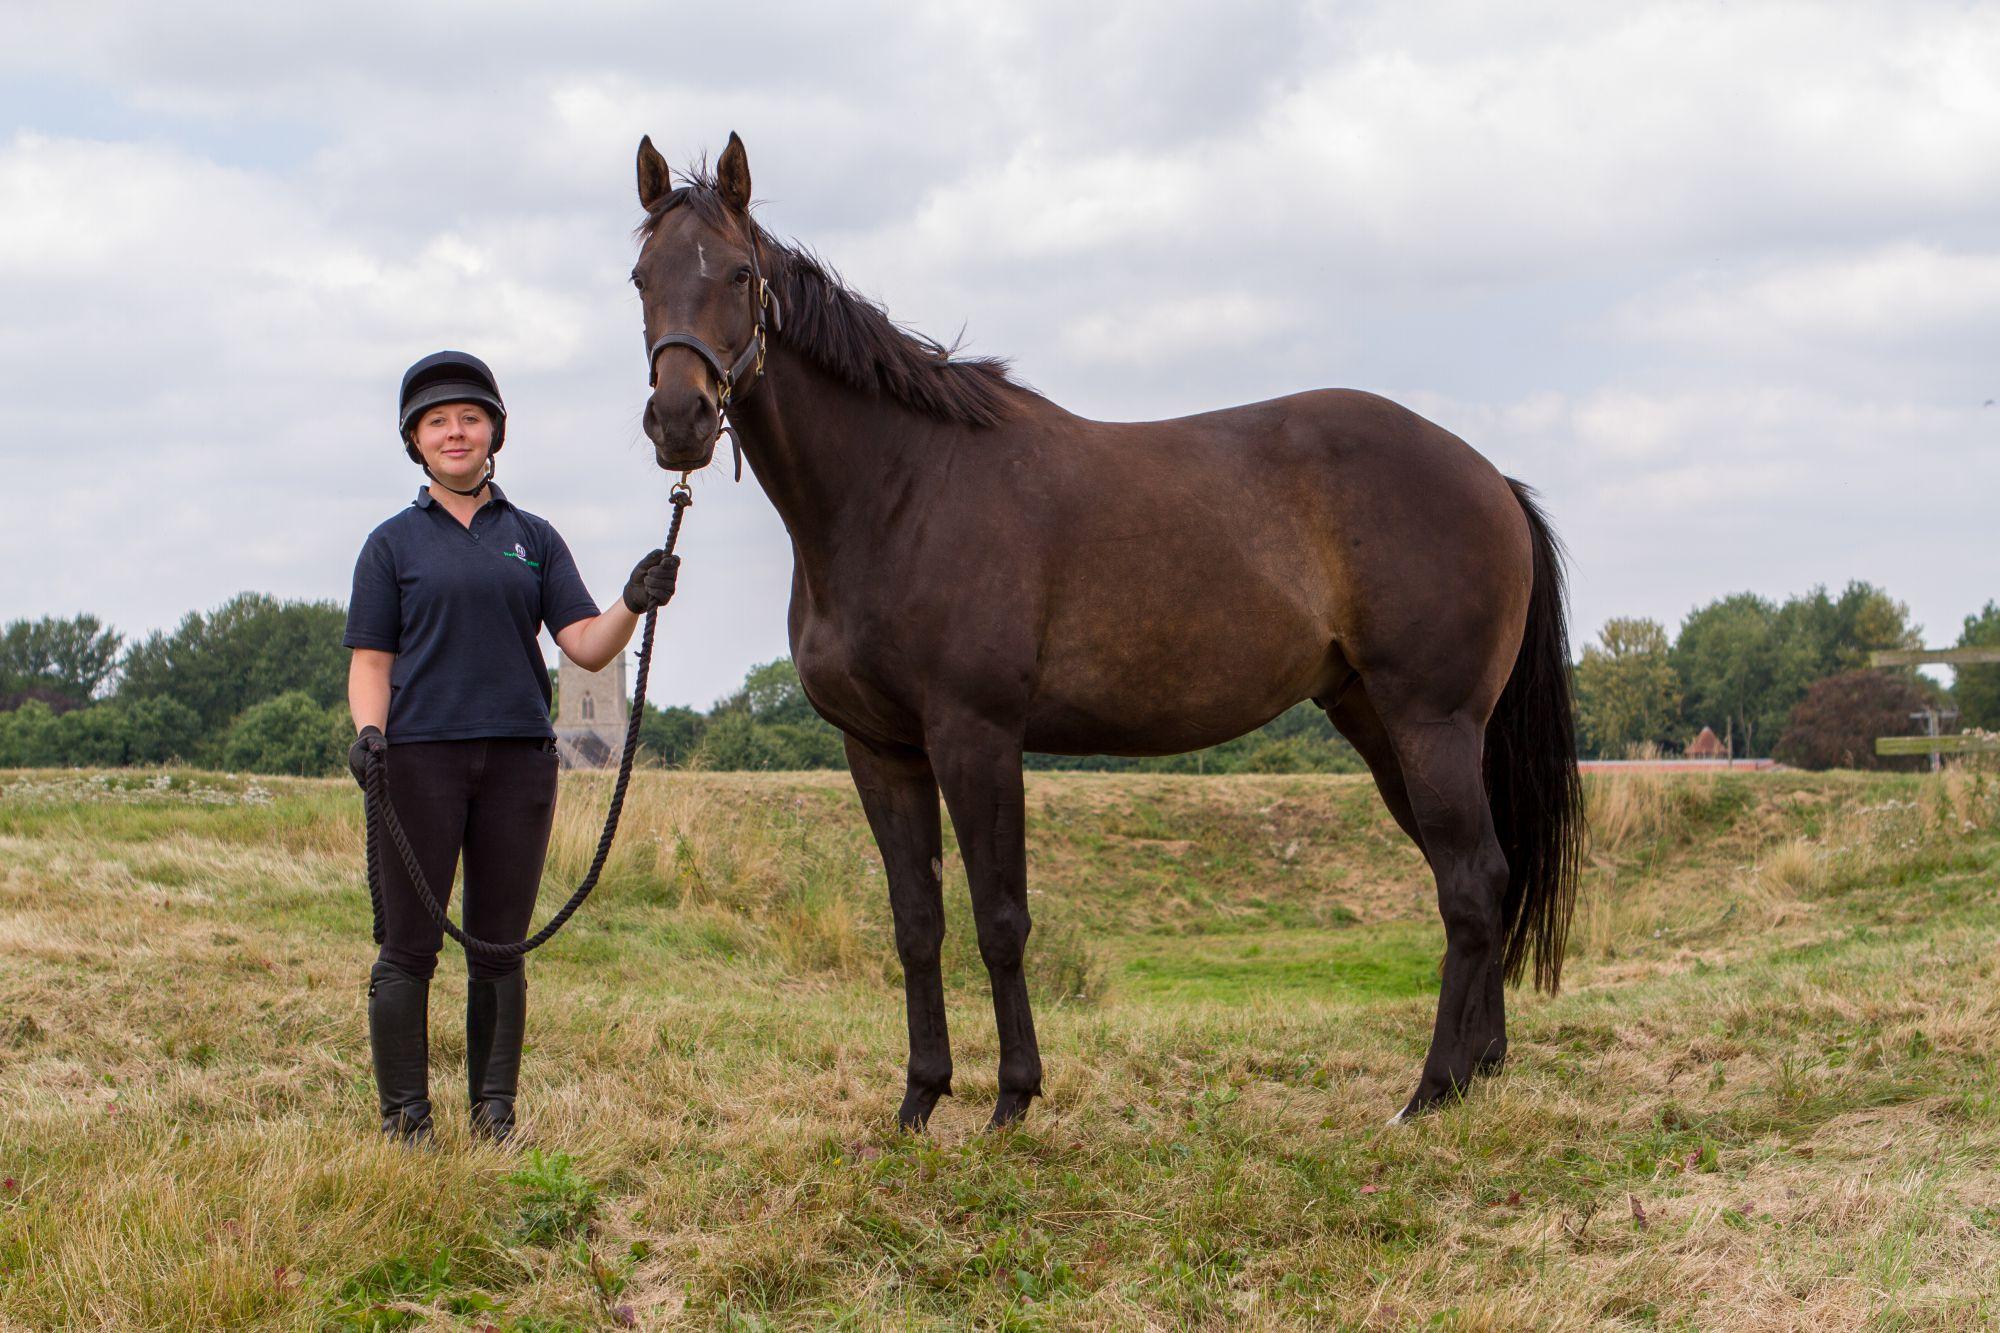 Obi and groom Emma Sawyers (Pic: World Horse Welfare)